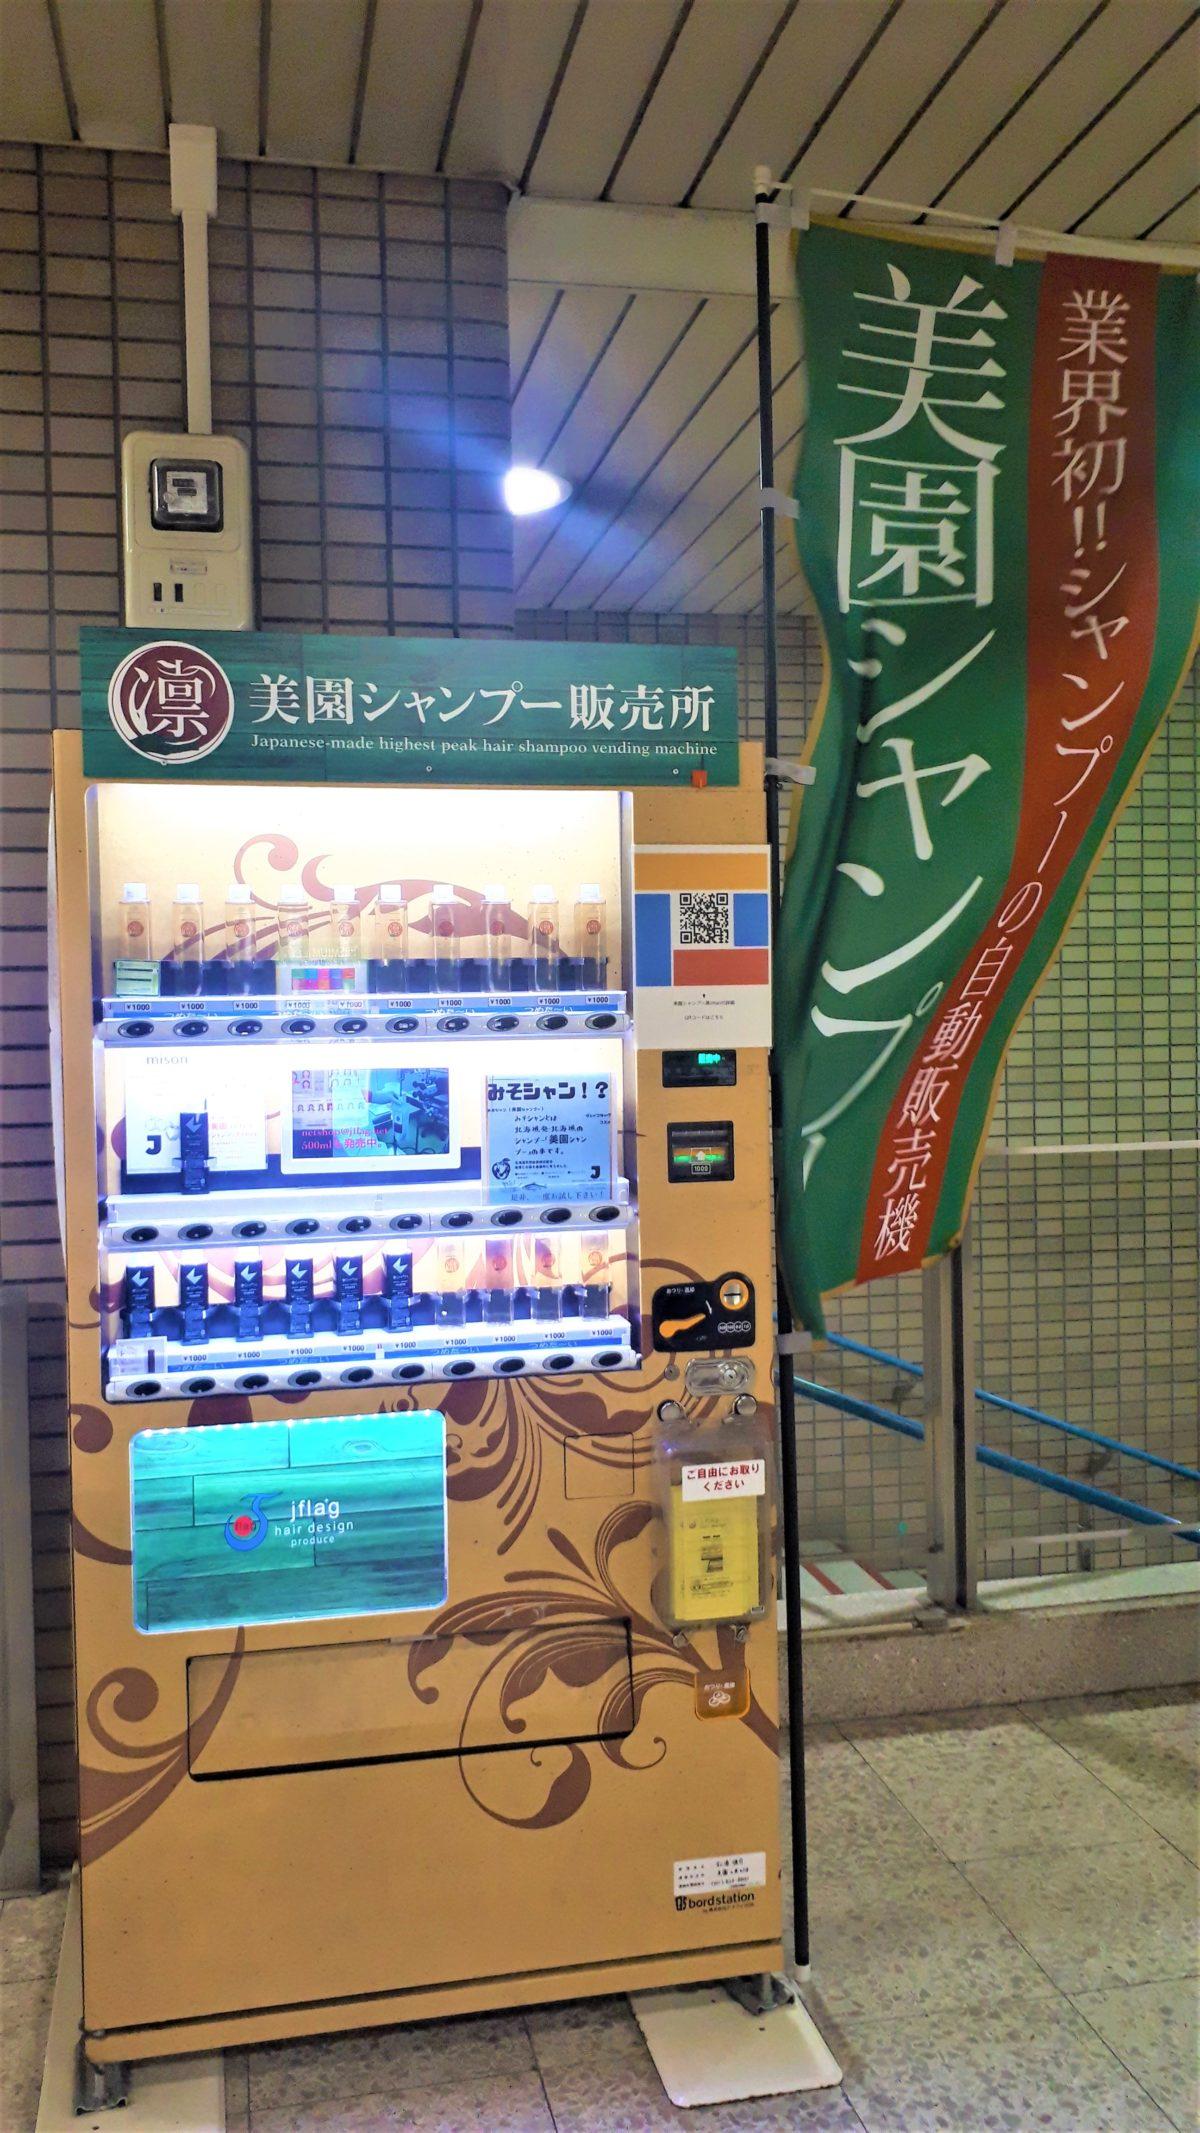 札幌自動販売機「美園シャンプー・ミソシャン」